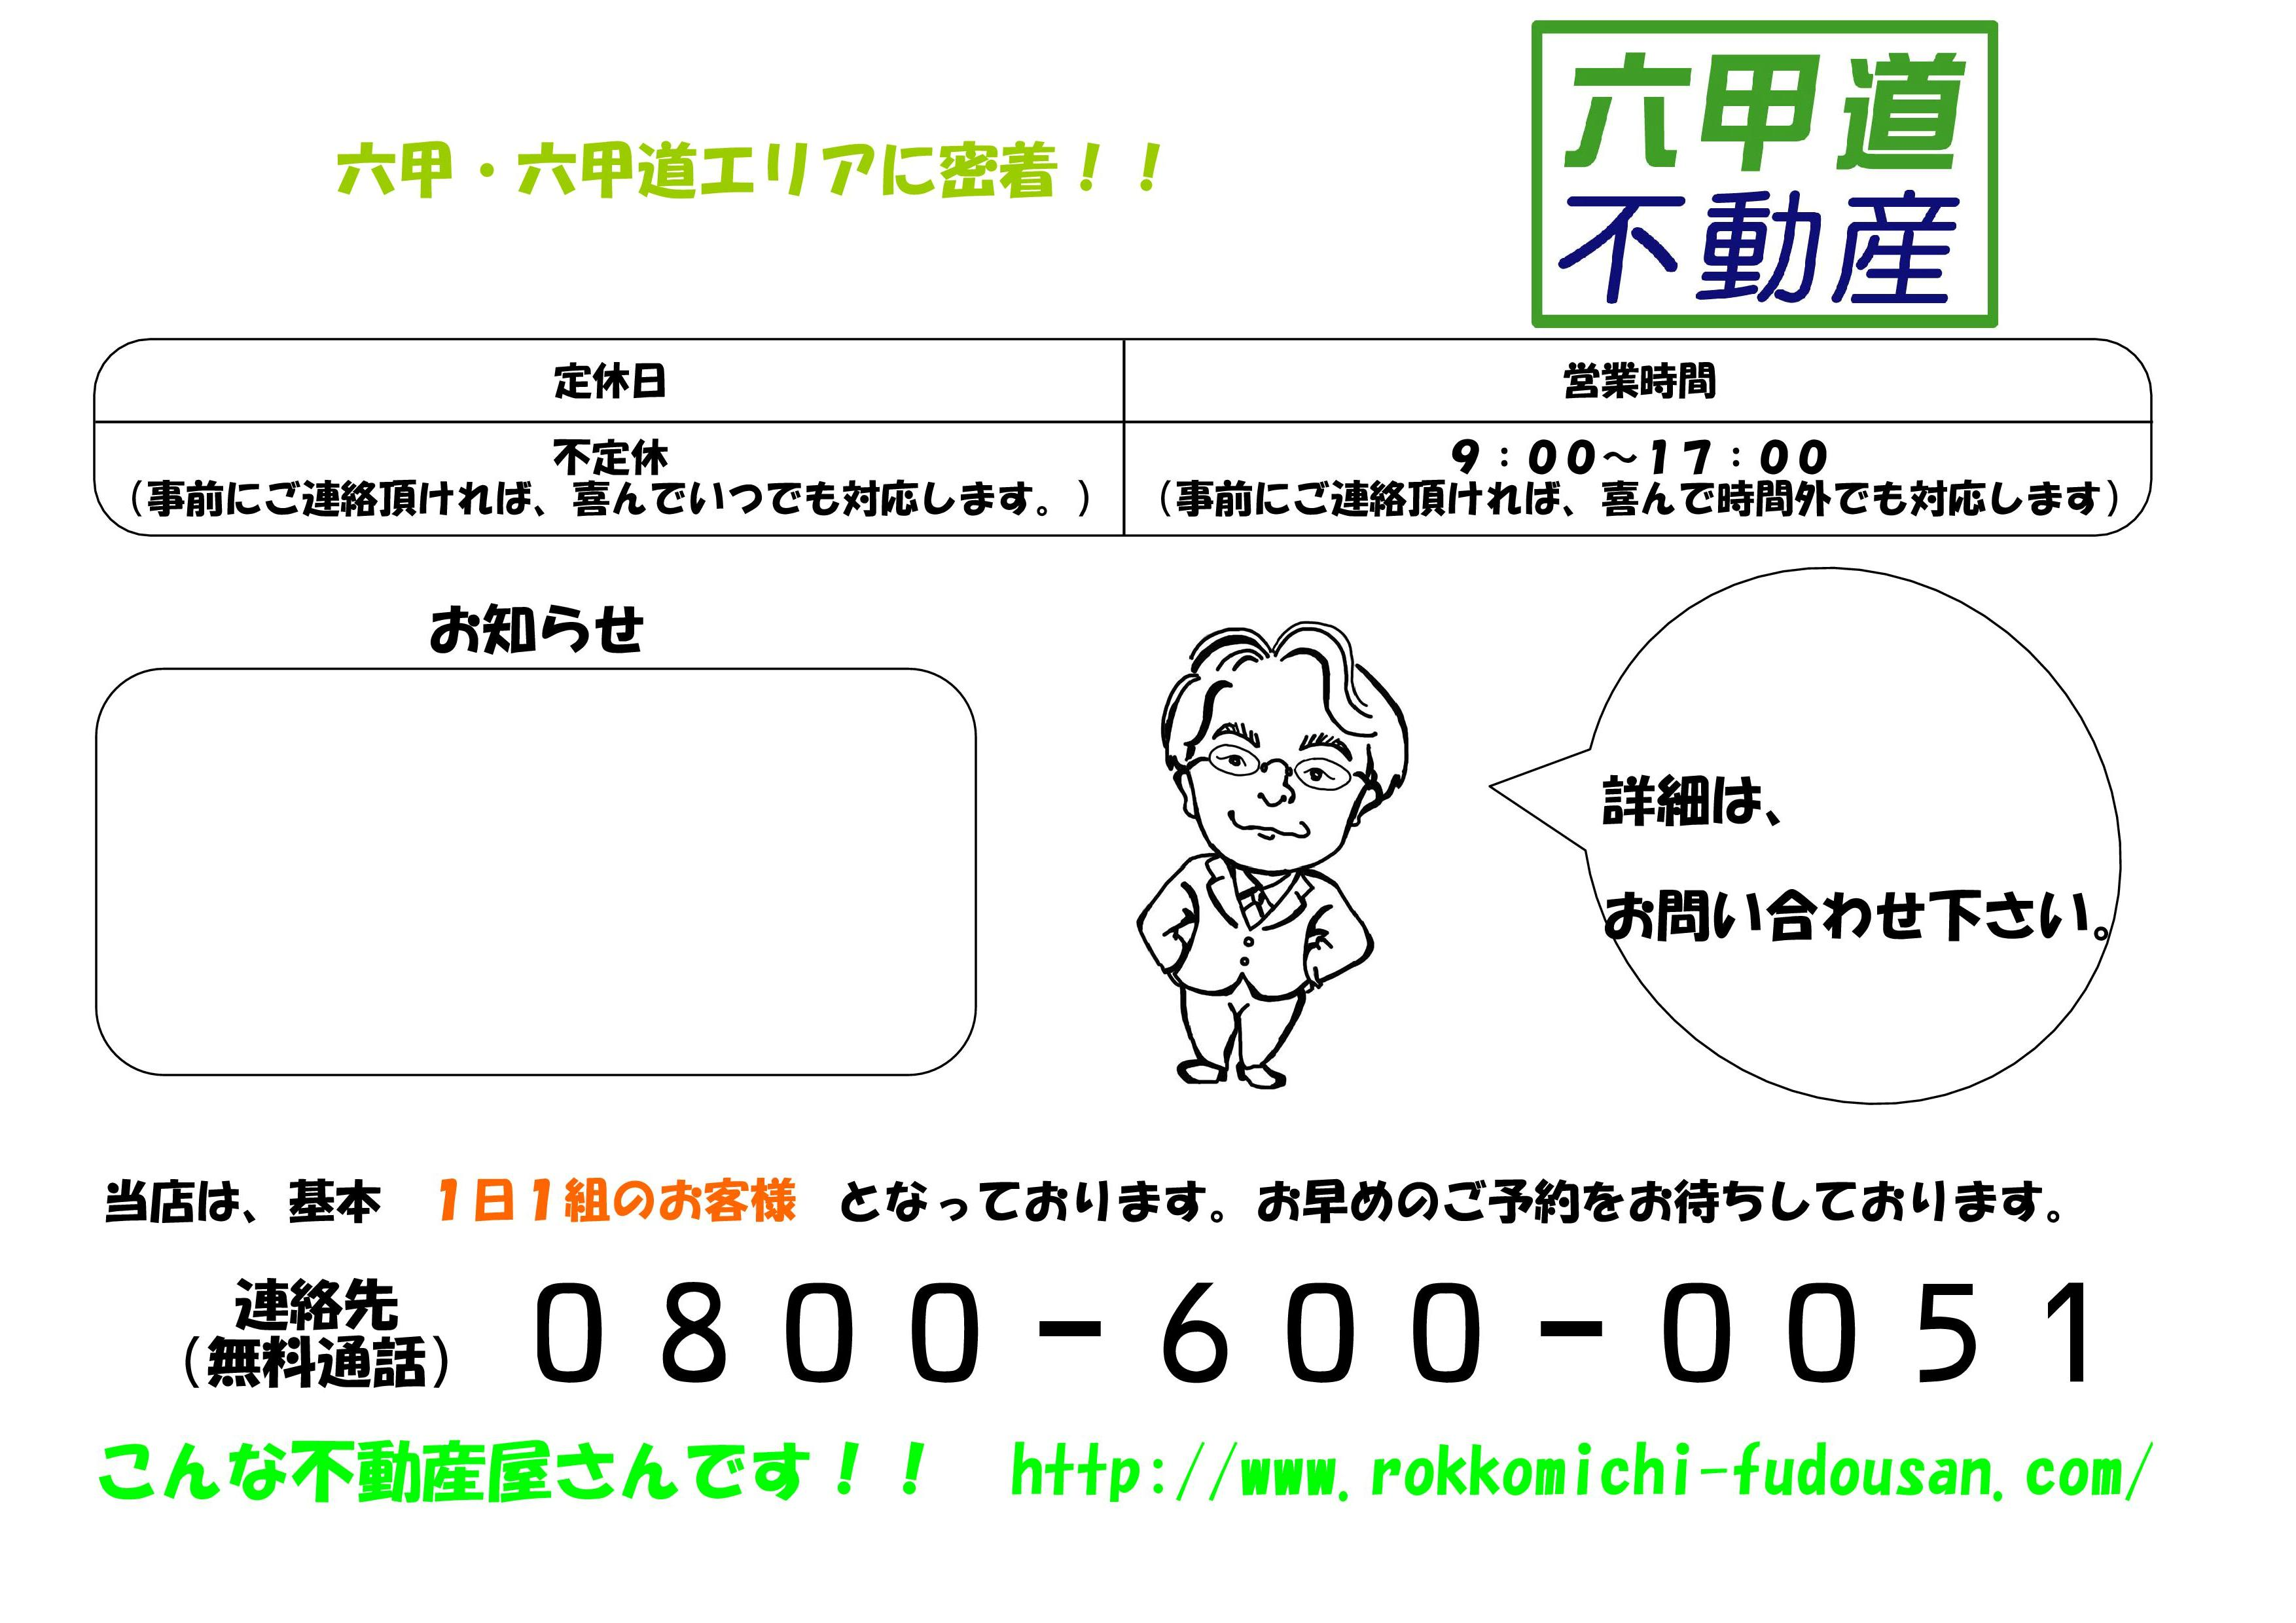 おすすめ賃貸物件6万円以上7万円未満